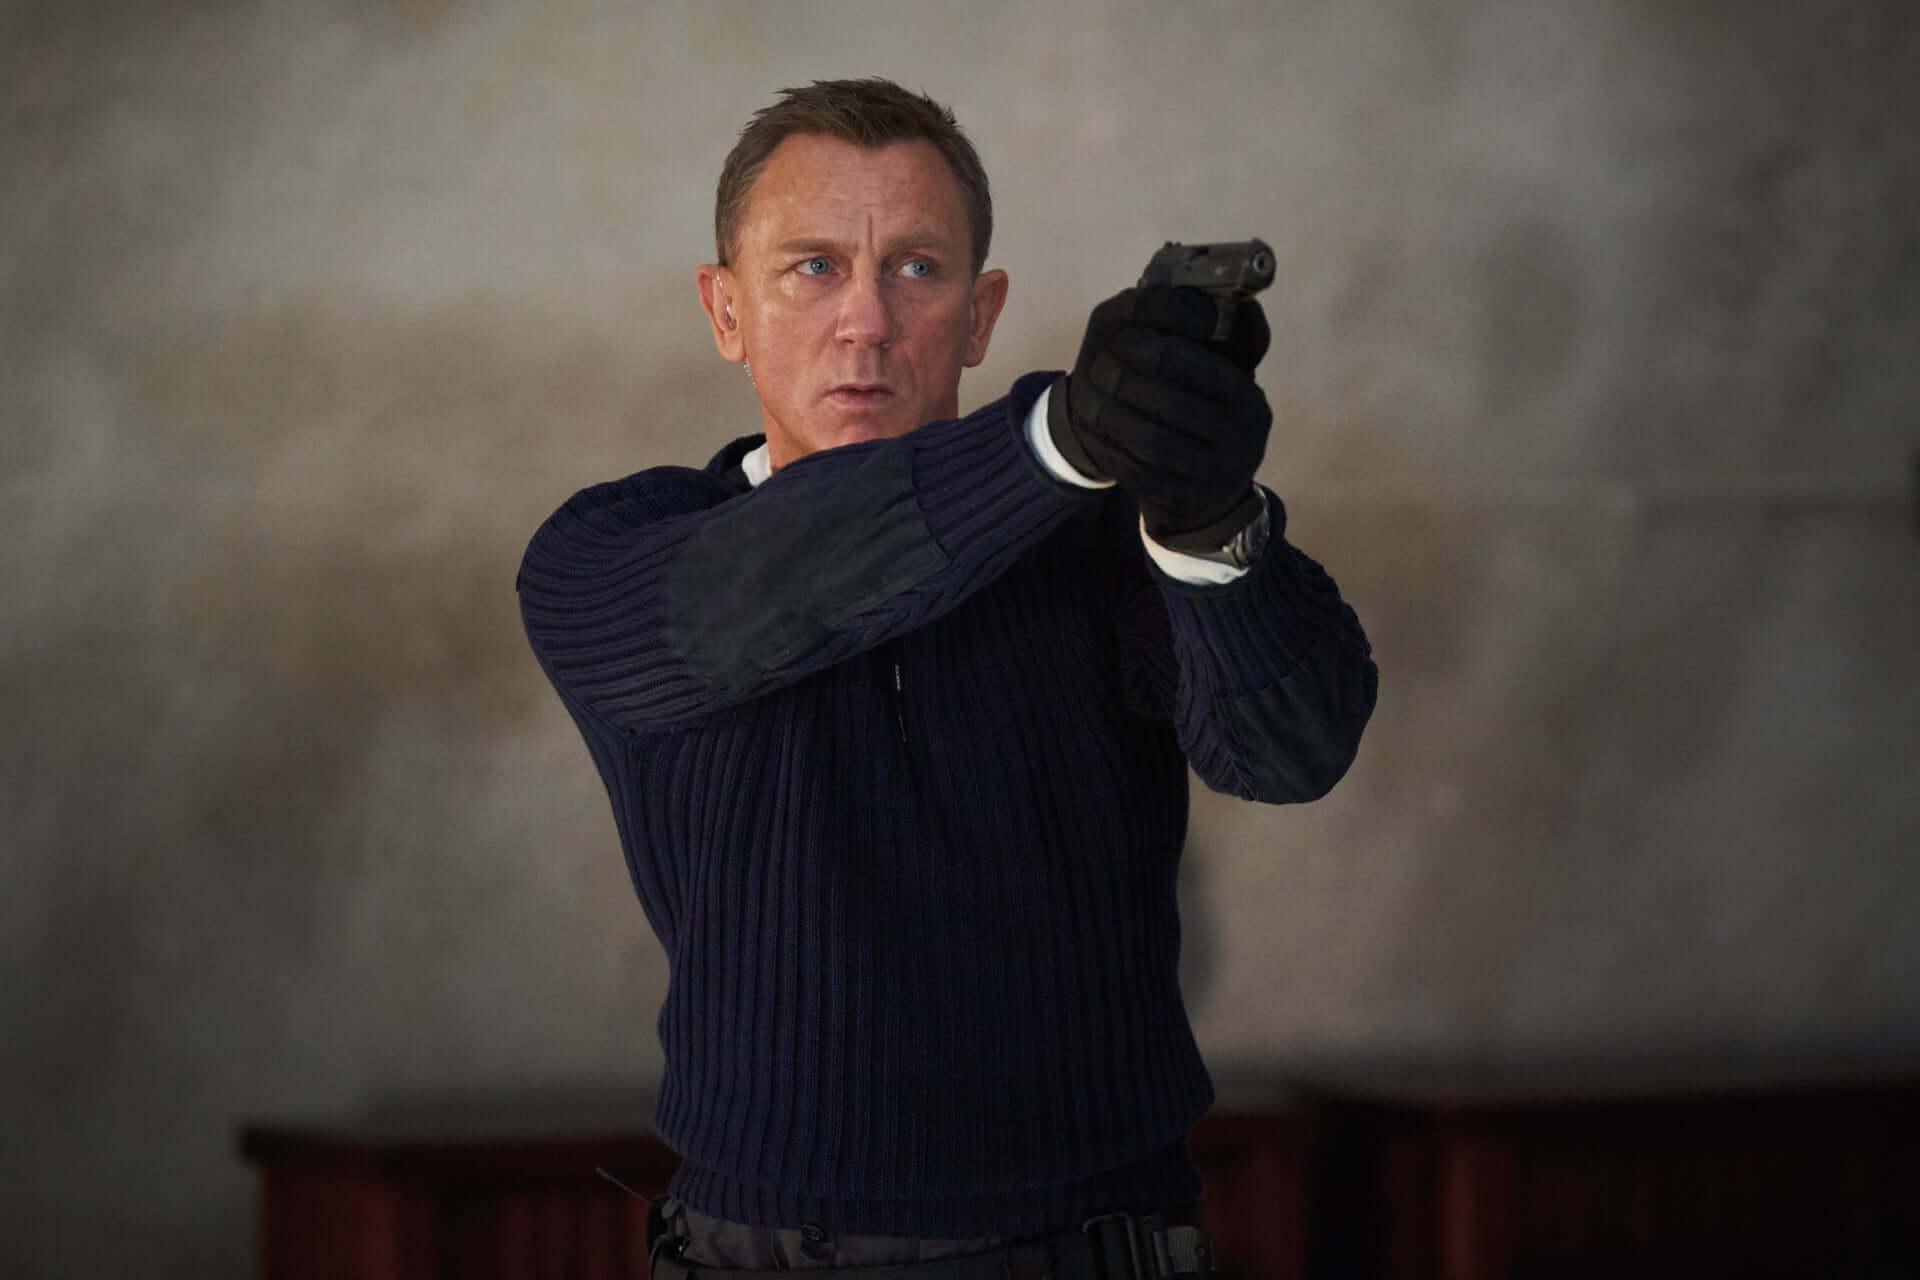 「ボンドを捉え直すことに重点をおいた」と語るキャリー・ジョージ・フクナガの真意とは?『007』最新作監督ナレーション入り映像が解禁 film191225_007_xmas_3-1920x1280